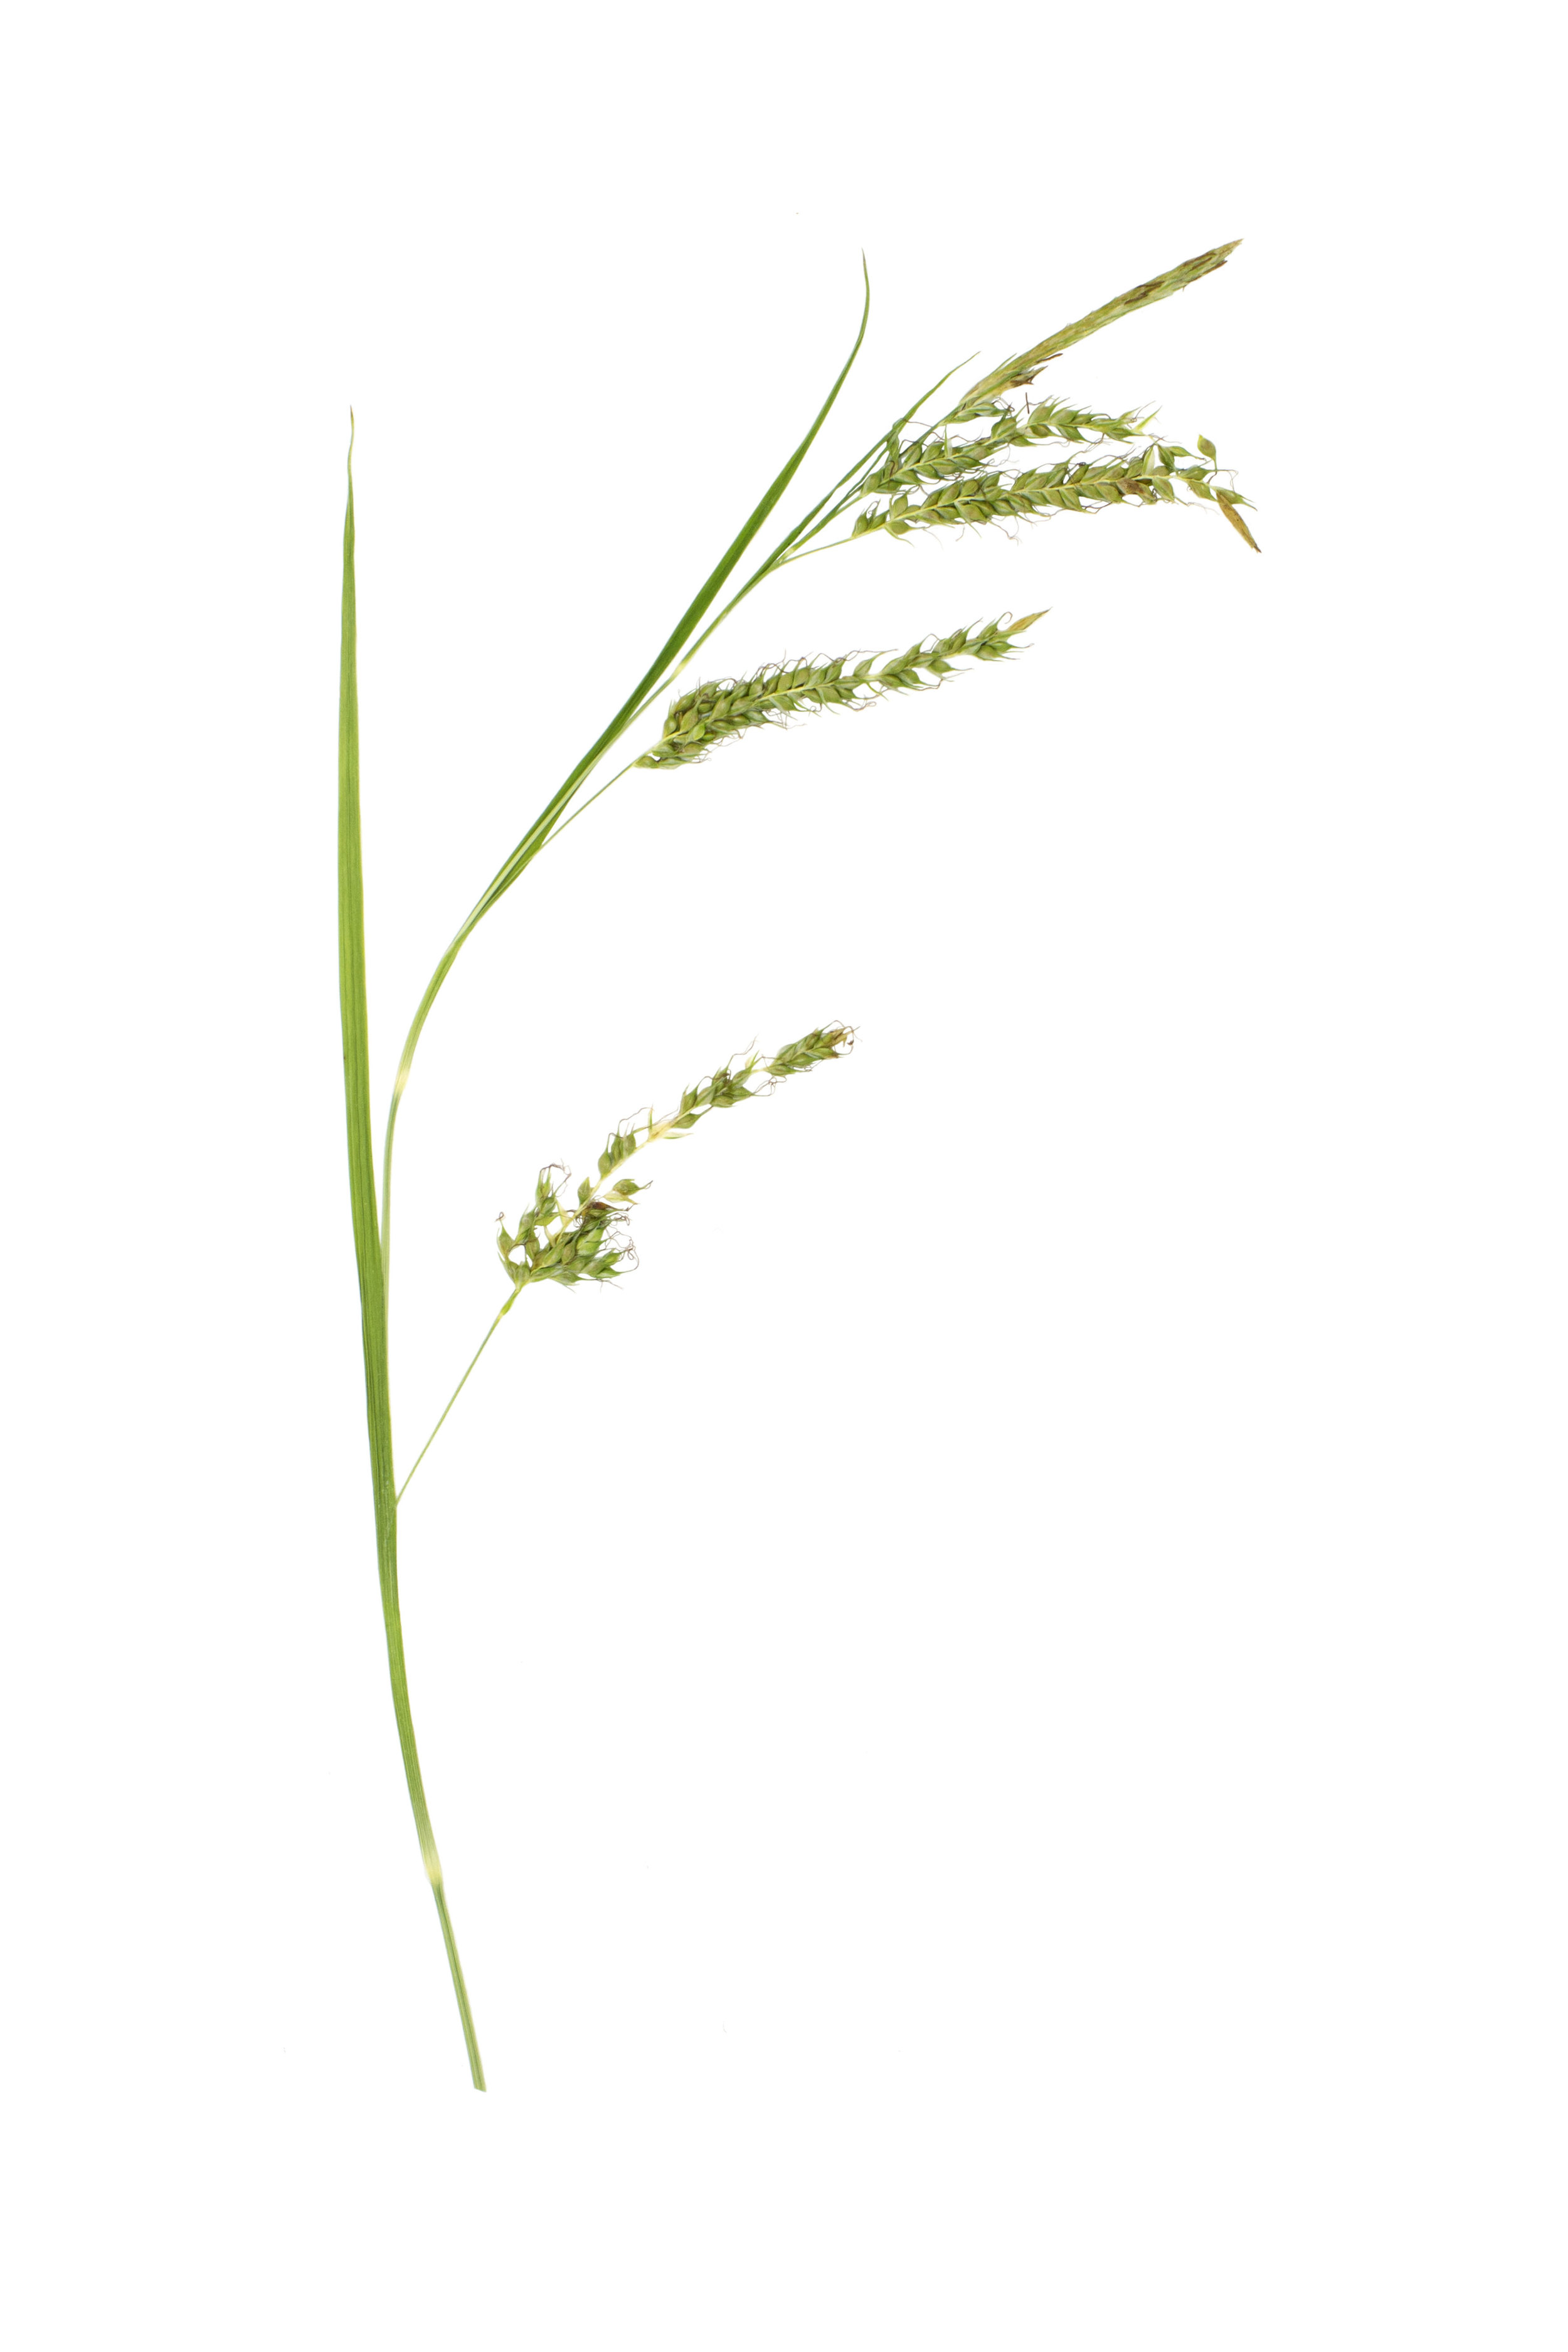 Bladder Sedge / Carex vesicaria